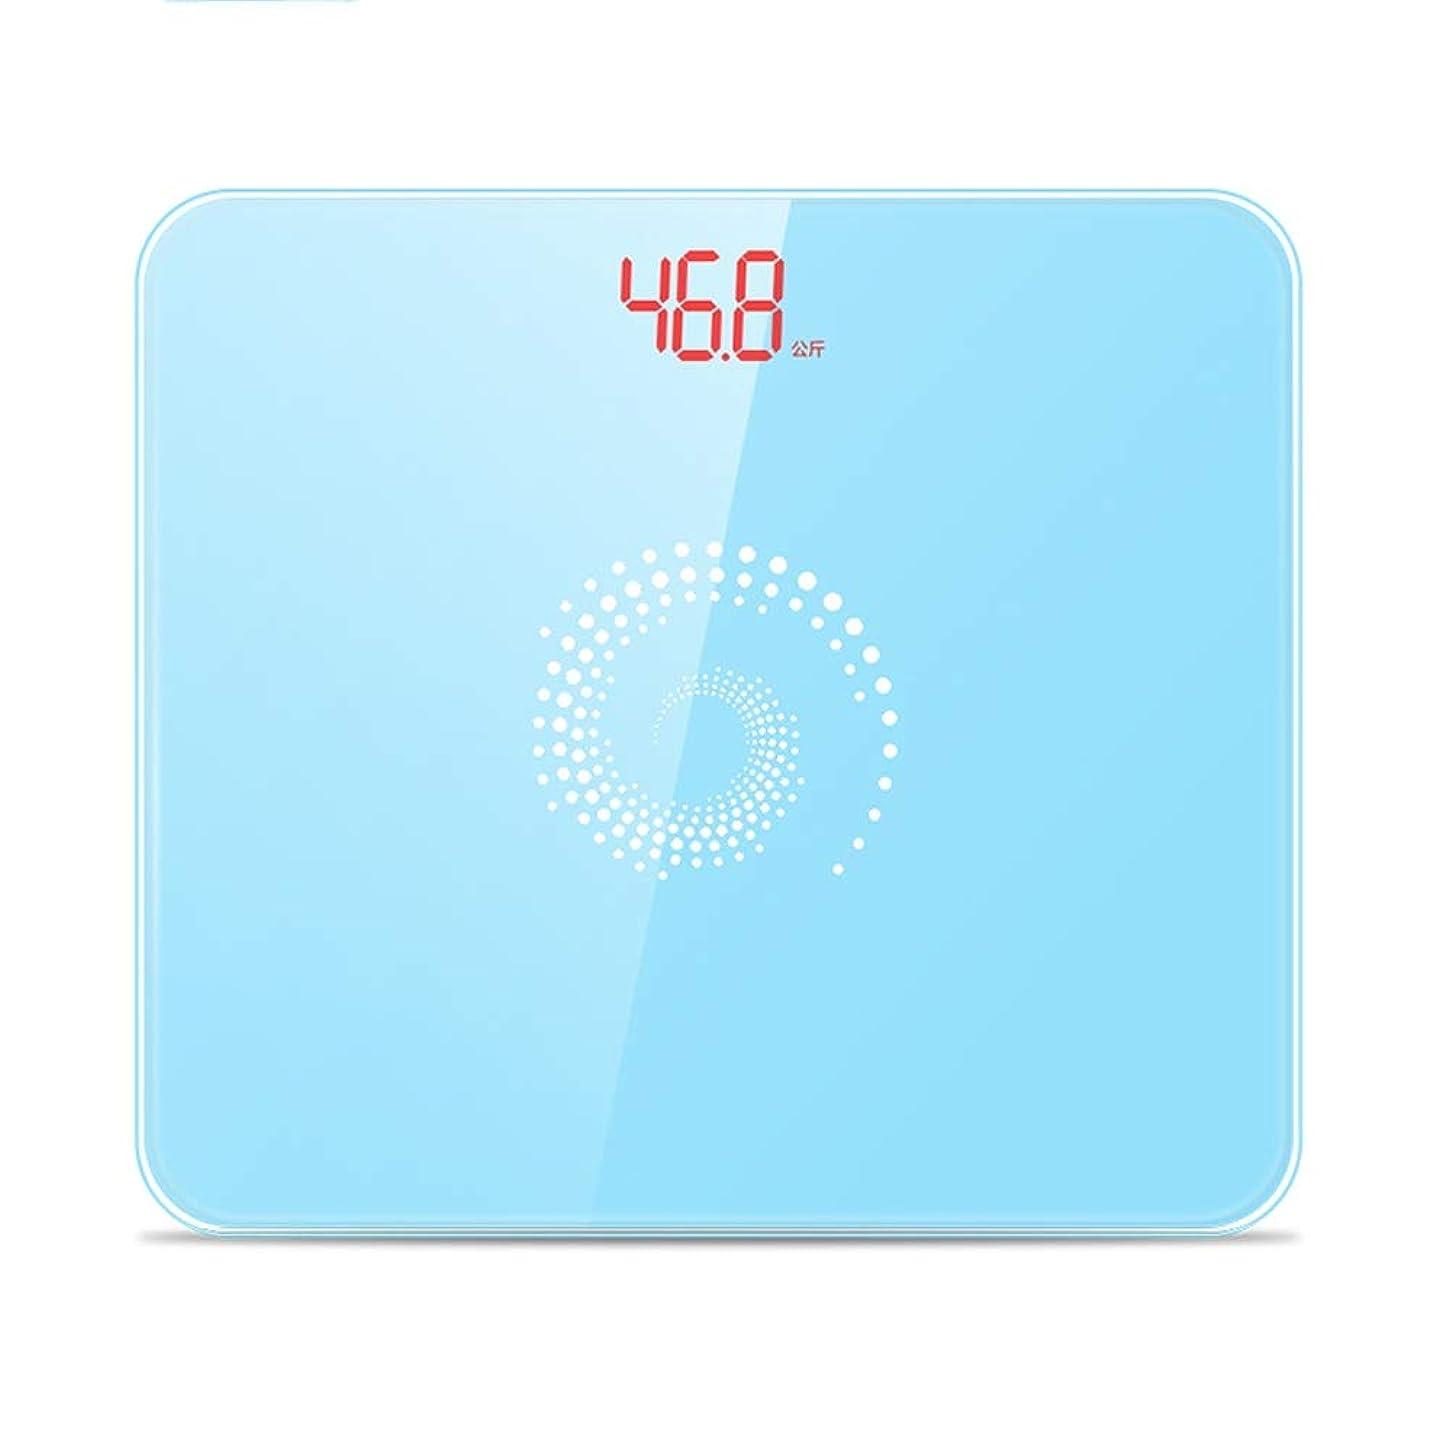 岸飲食店難破船家の電子精密ボディスケール、小さい重量の大人の小さい減量のスケール - 11x9.6x0.8inch (Color : Blue)